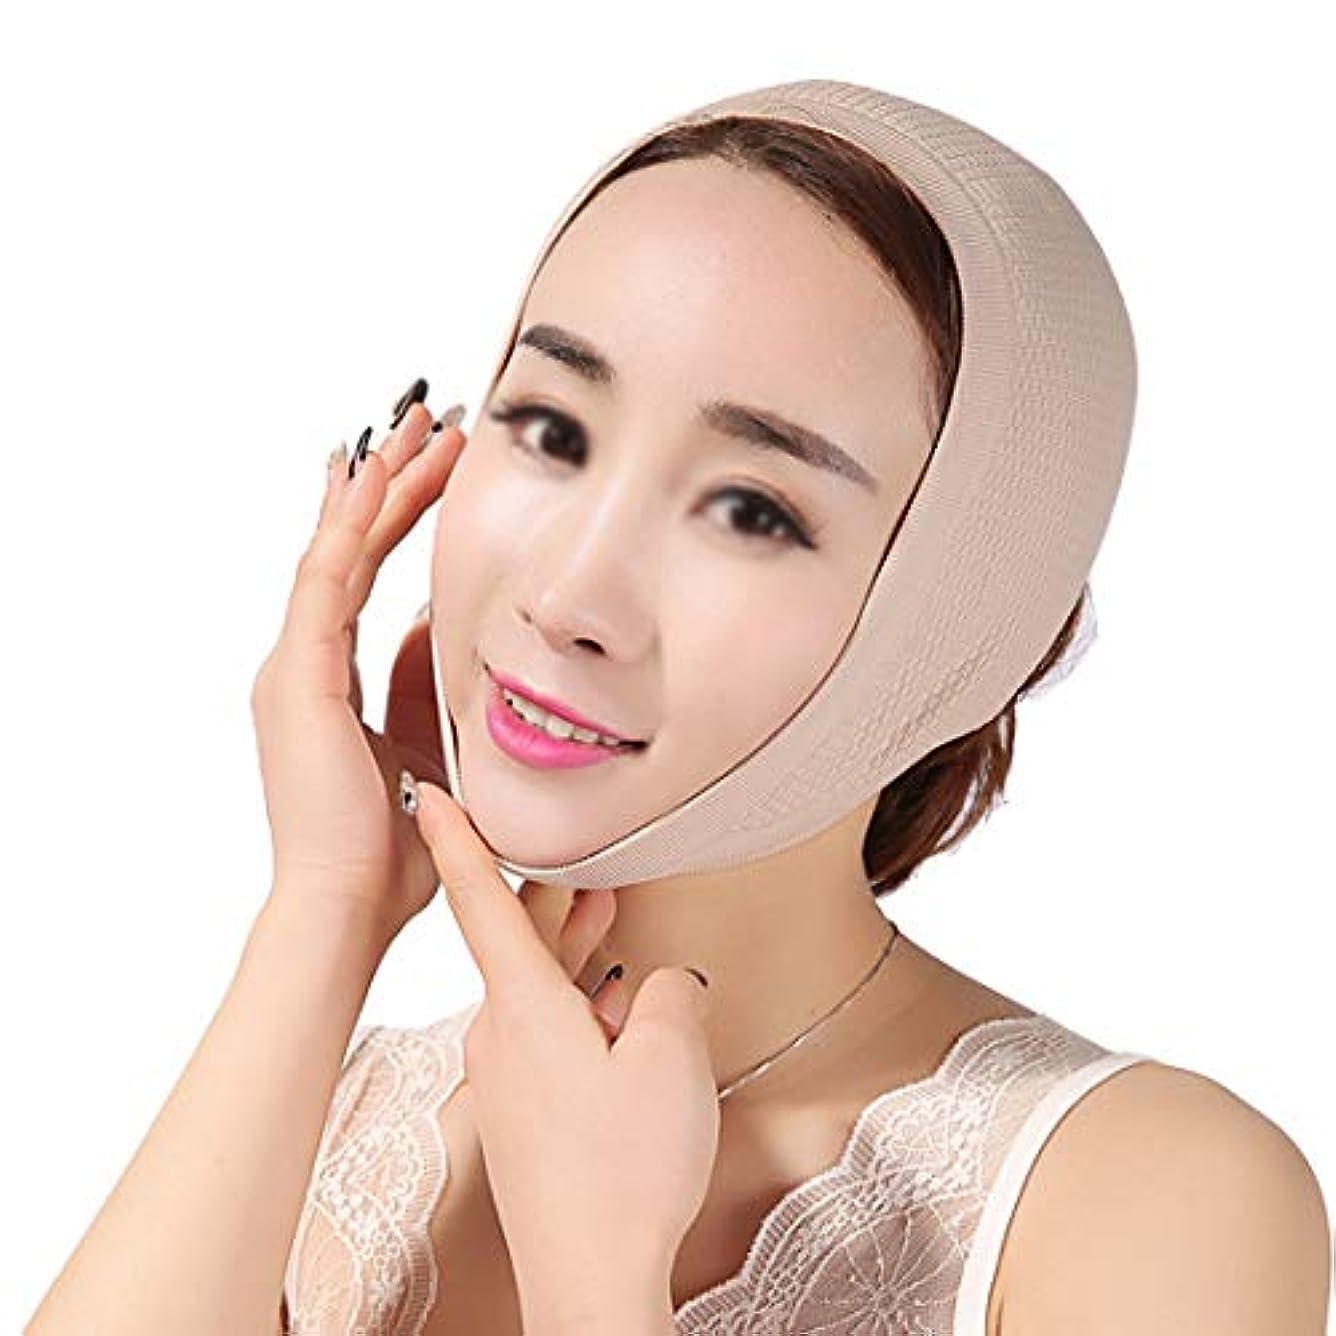 こっそり代数的マントZWBD フェイスマスク, フェイスリフティング包帯vフェイスリフトシンダブルチンシンフェイス包帯リフティング引き締め美容マッサージvフェイスシンフェイスマスク